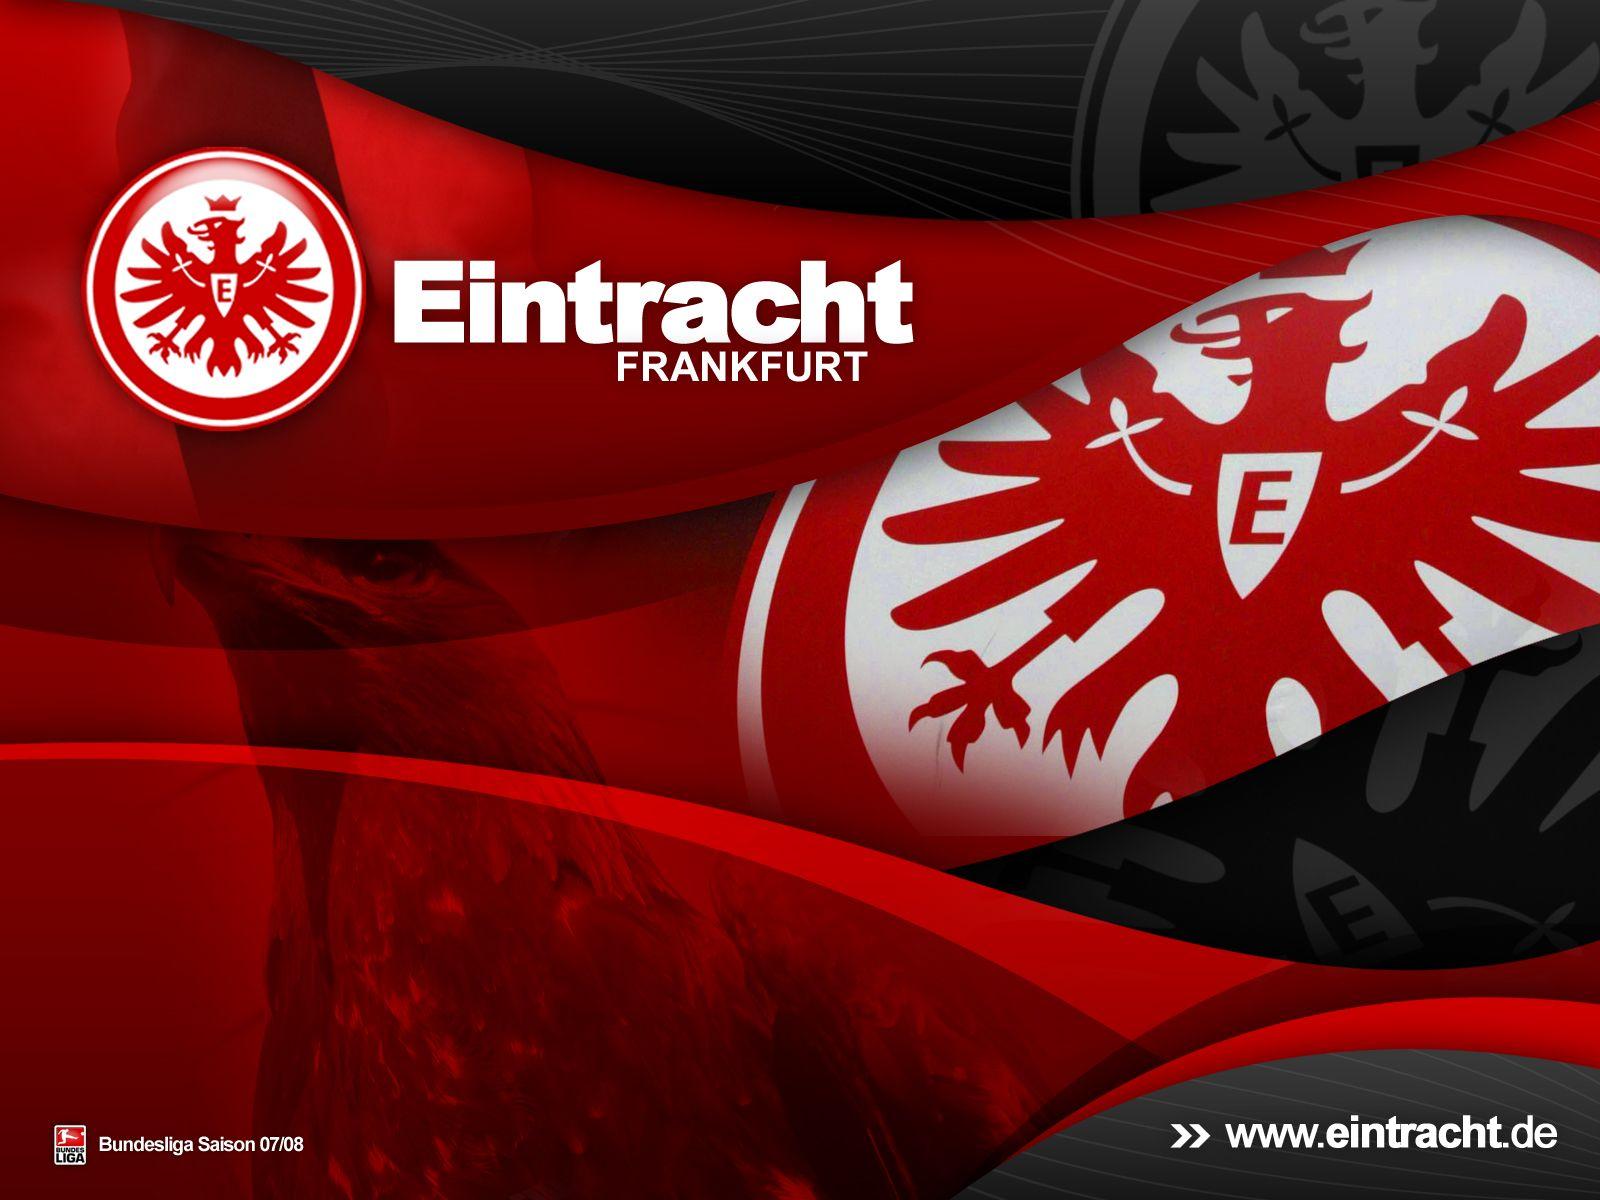 Eintracht Frankfurt Aol Bildersuche Ergebnisse Eintracht